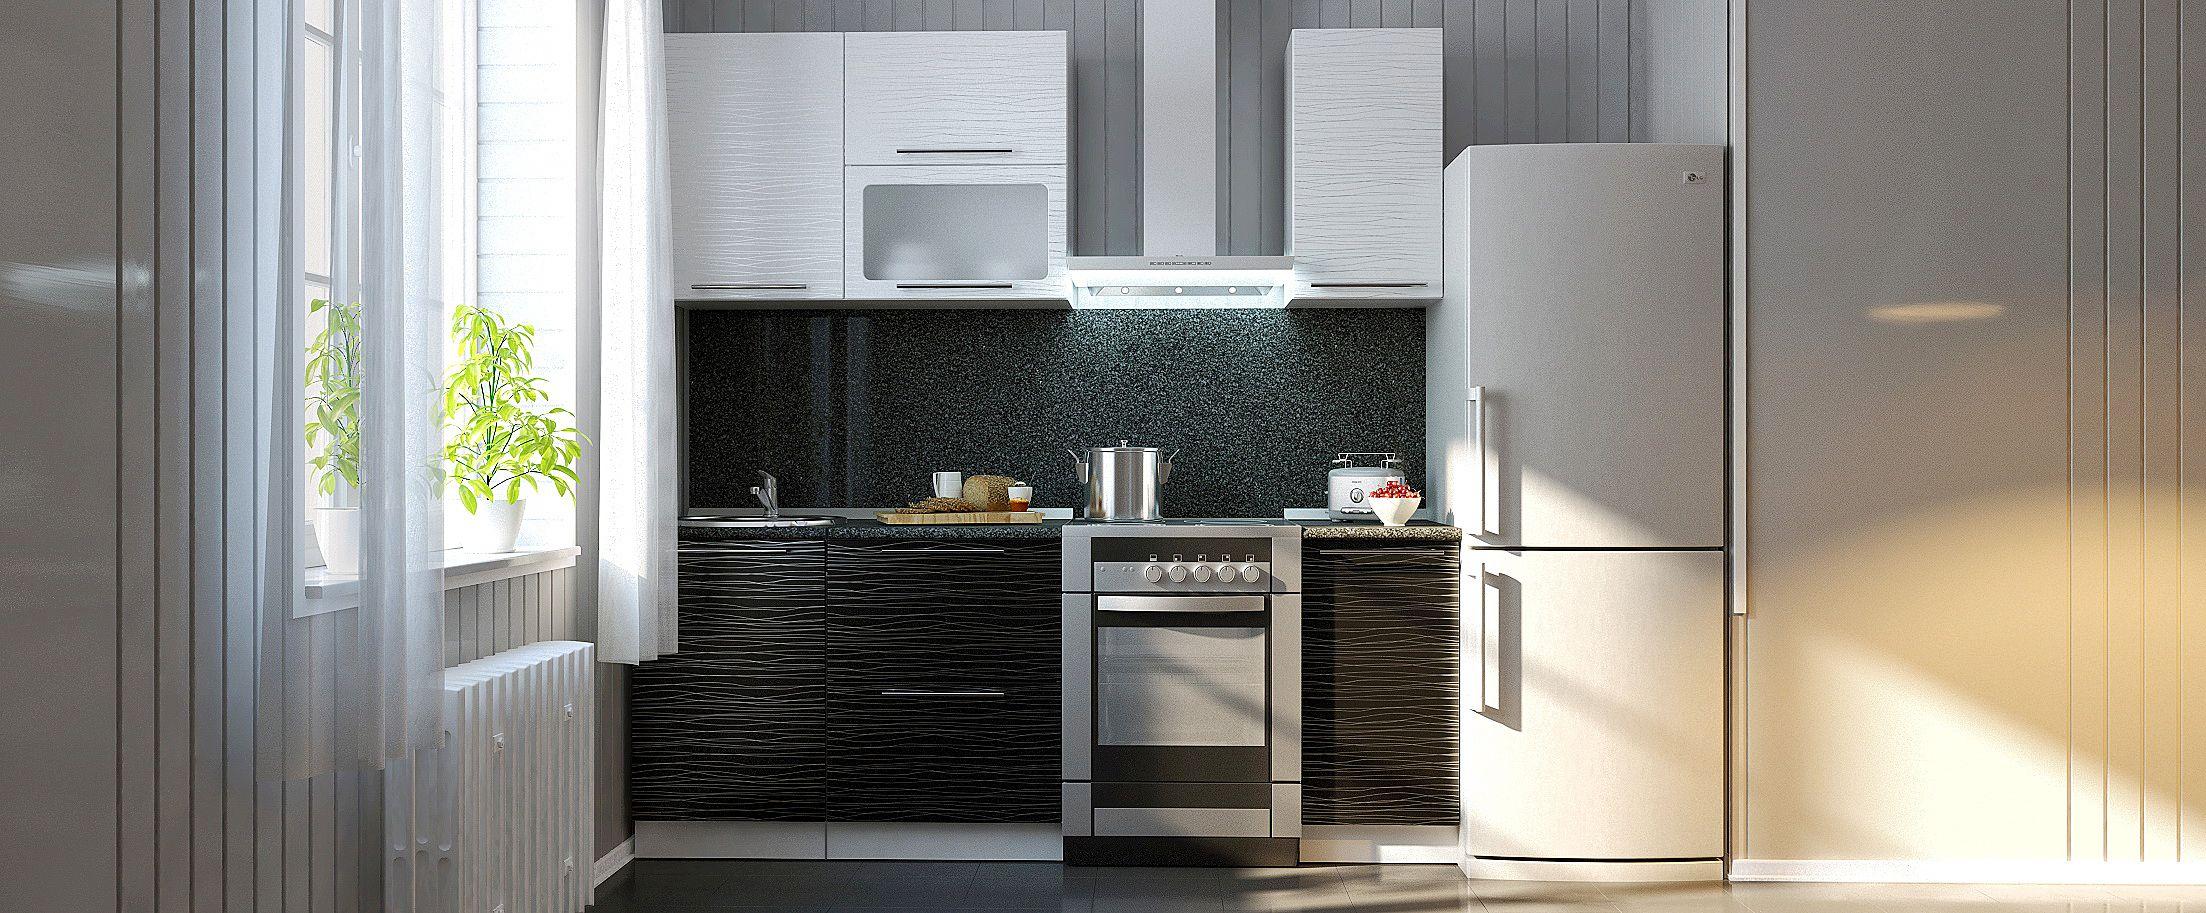 Кухня Страйп 1,5 мКупить удобный и практичный набор кухонного гарнитура в интернет магазине MOON TRADE. Быстрая доставка, вынос упаковки, гарантия! Выгодная покупка!<br>